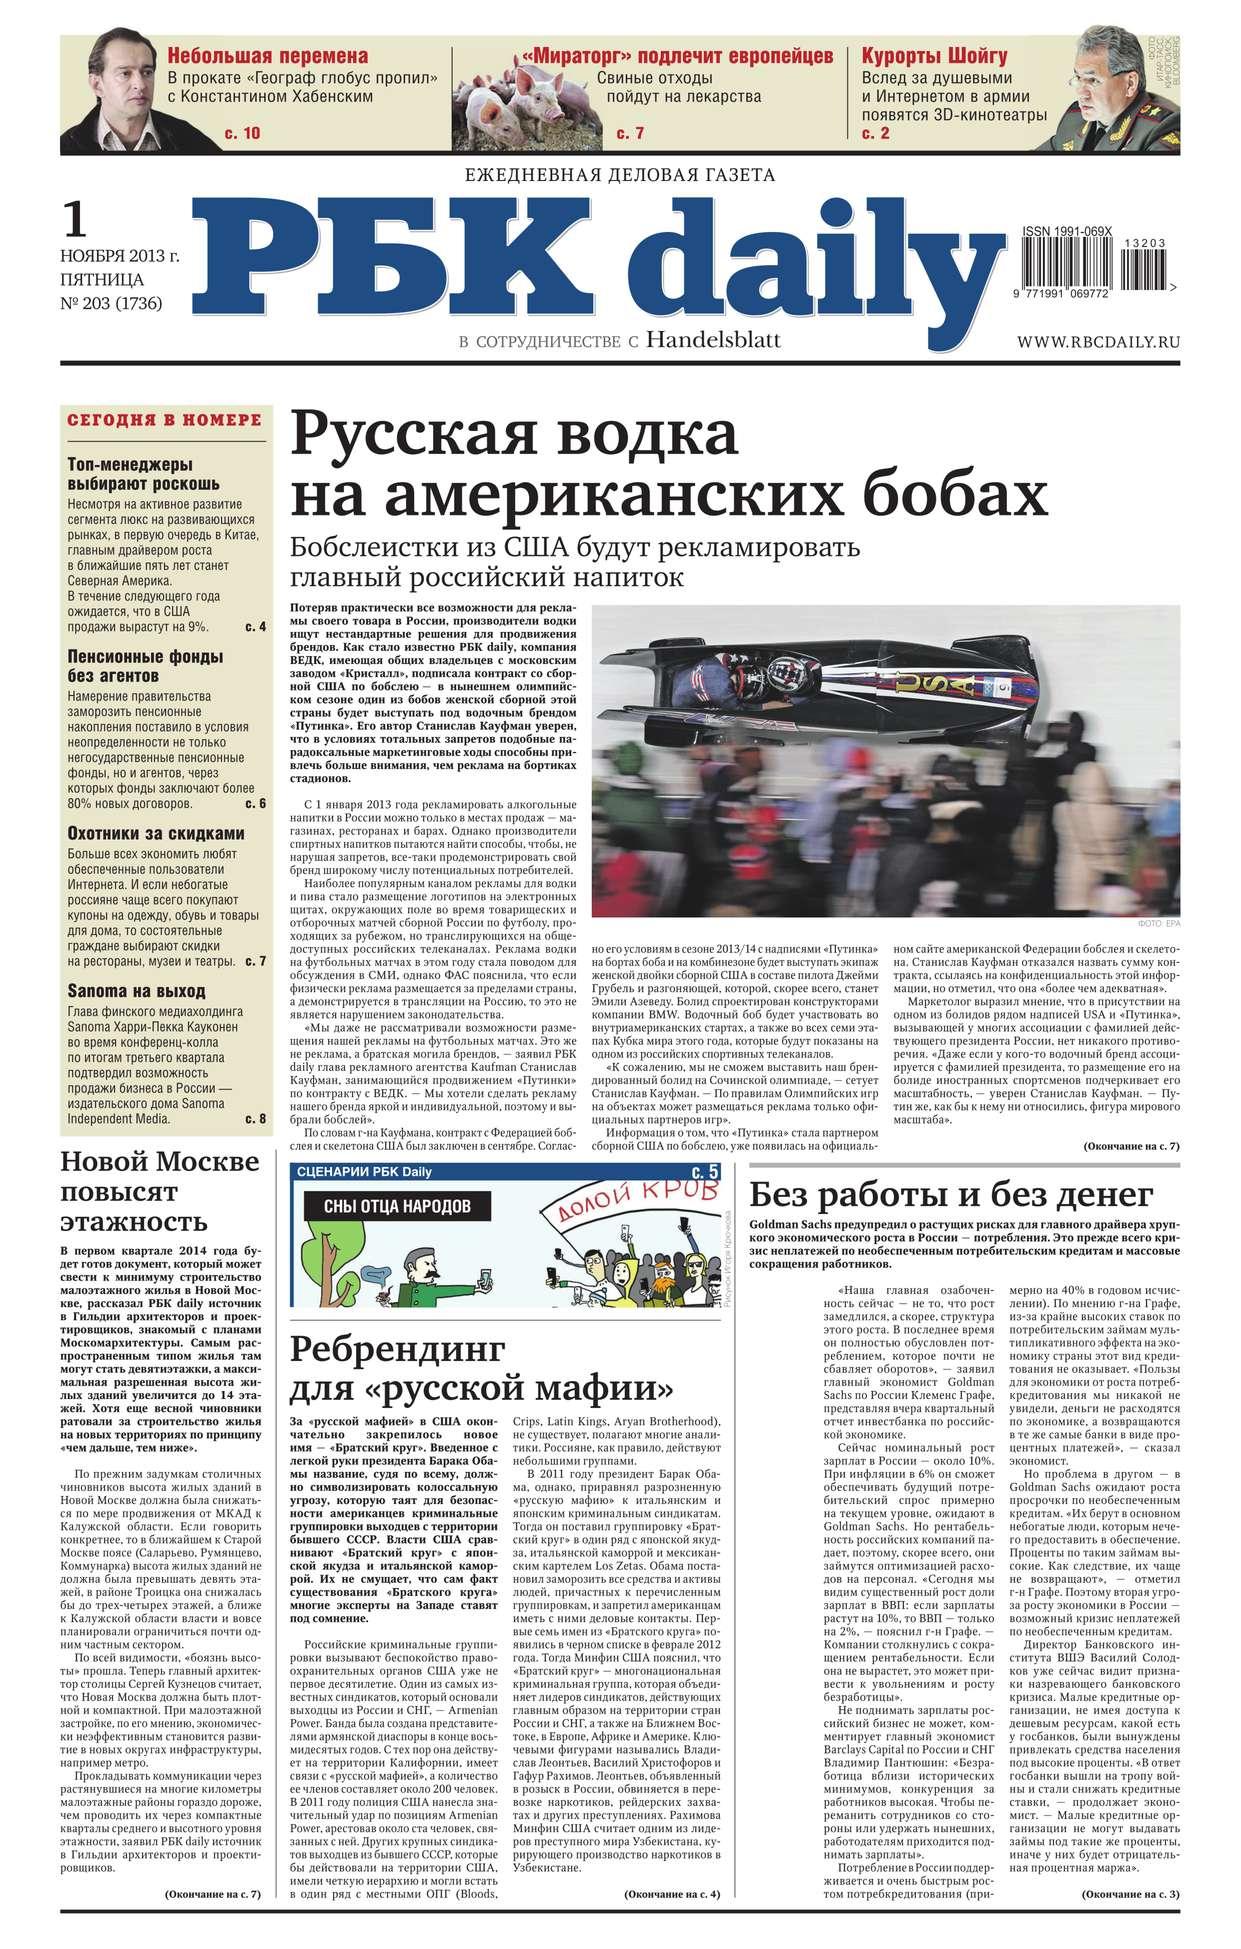 Ежедневная деловая газета РБК 203